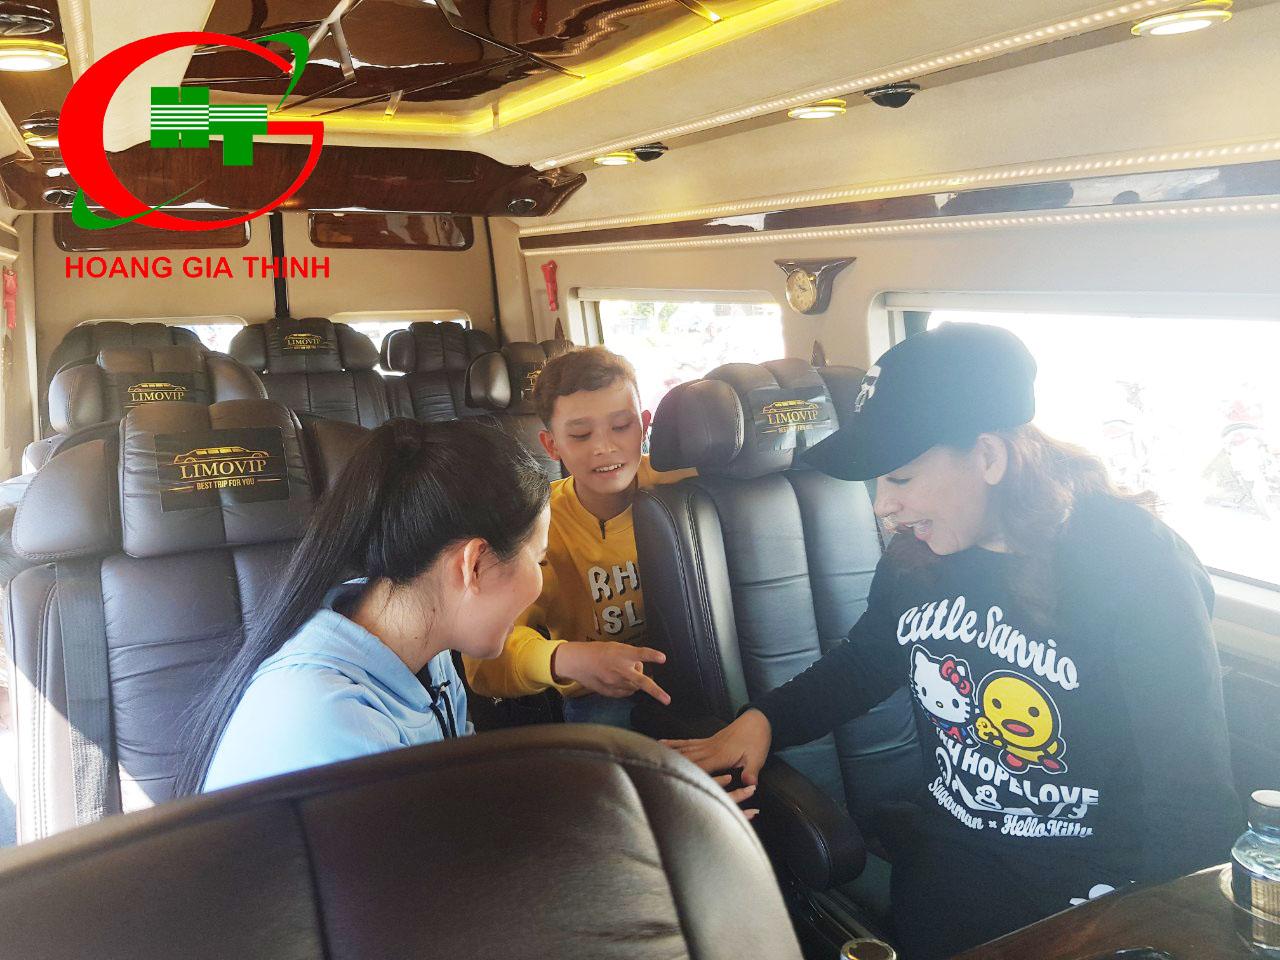 Đồng Hàng Cùng Ca Sĩ Phi Nhung Tour Diễn Bến Tre - Hoàng Gia Thịnh